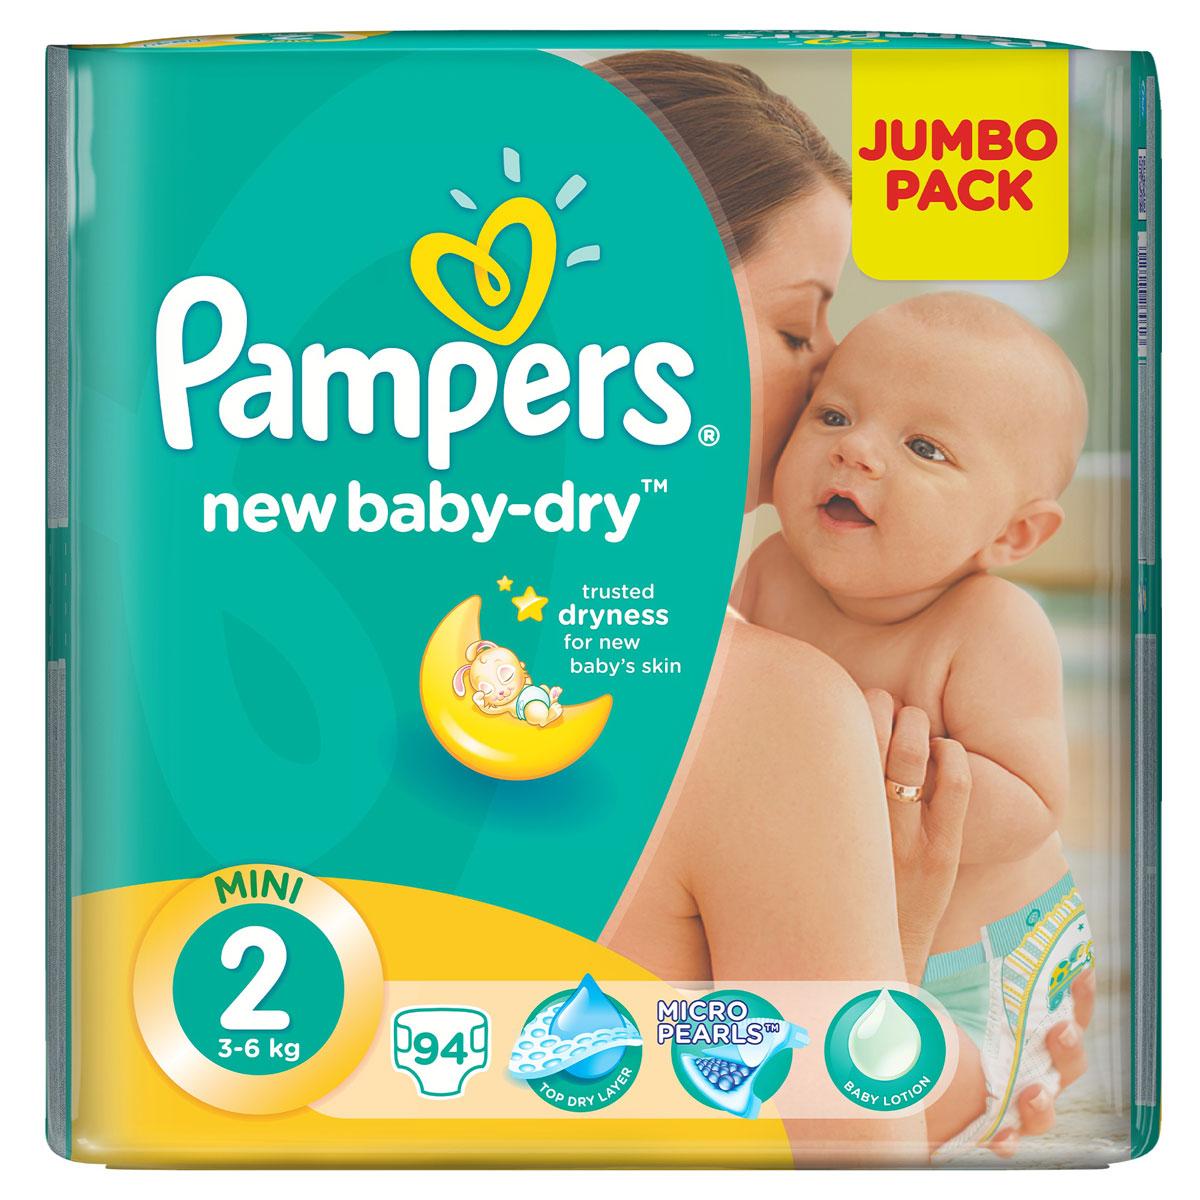 Pampers Подгузники New Baby-Dry 3-6 кг (размер 2) 94 штPA-81446627Для каждого доброго утра нужно, до 12 часов сухости ночью. Вот почему подгузники Pampers New Baby-Dry имеют жемчужные микрогранулы, которые впитывают влаги до 30 раз больше собственного веса и надежно удерживают ее внутри подгузника. Просыпайтесь радостно каждое утро с подгузниками Pampers New Baby-Dry. - Мягкий, как хлопок, уникальный верхний слой моментально впитывает влагу с кожи. - Жемчужные микрогранулы впитывают влаги до 30 раз больше собственного веса. - Экстра слой абсорбирует жидкость и распределяет ее по подгузнику. - Тянущиеся боковинки разработаны, чтоб малышу было комфортно двигаться, а подгузник сидел плотно.